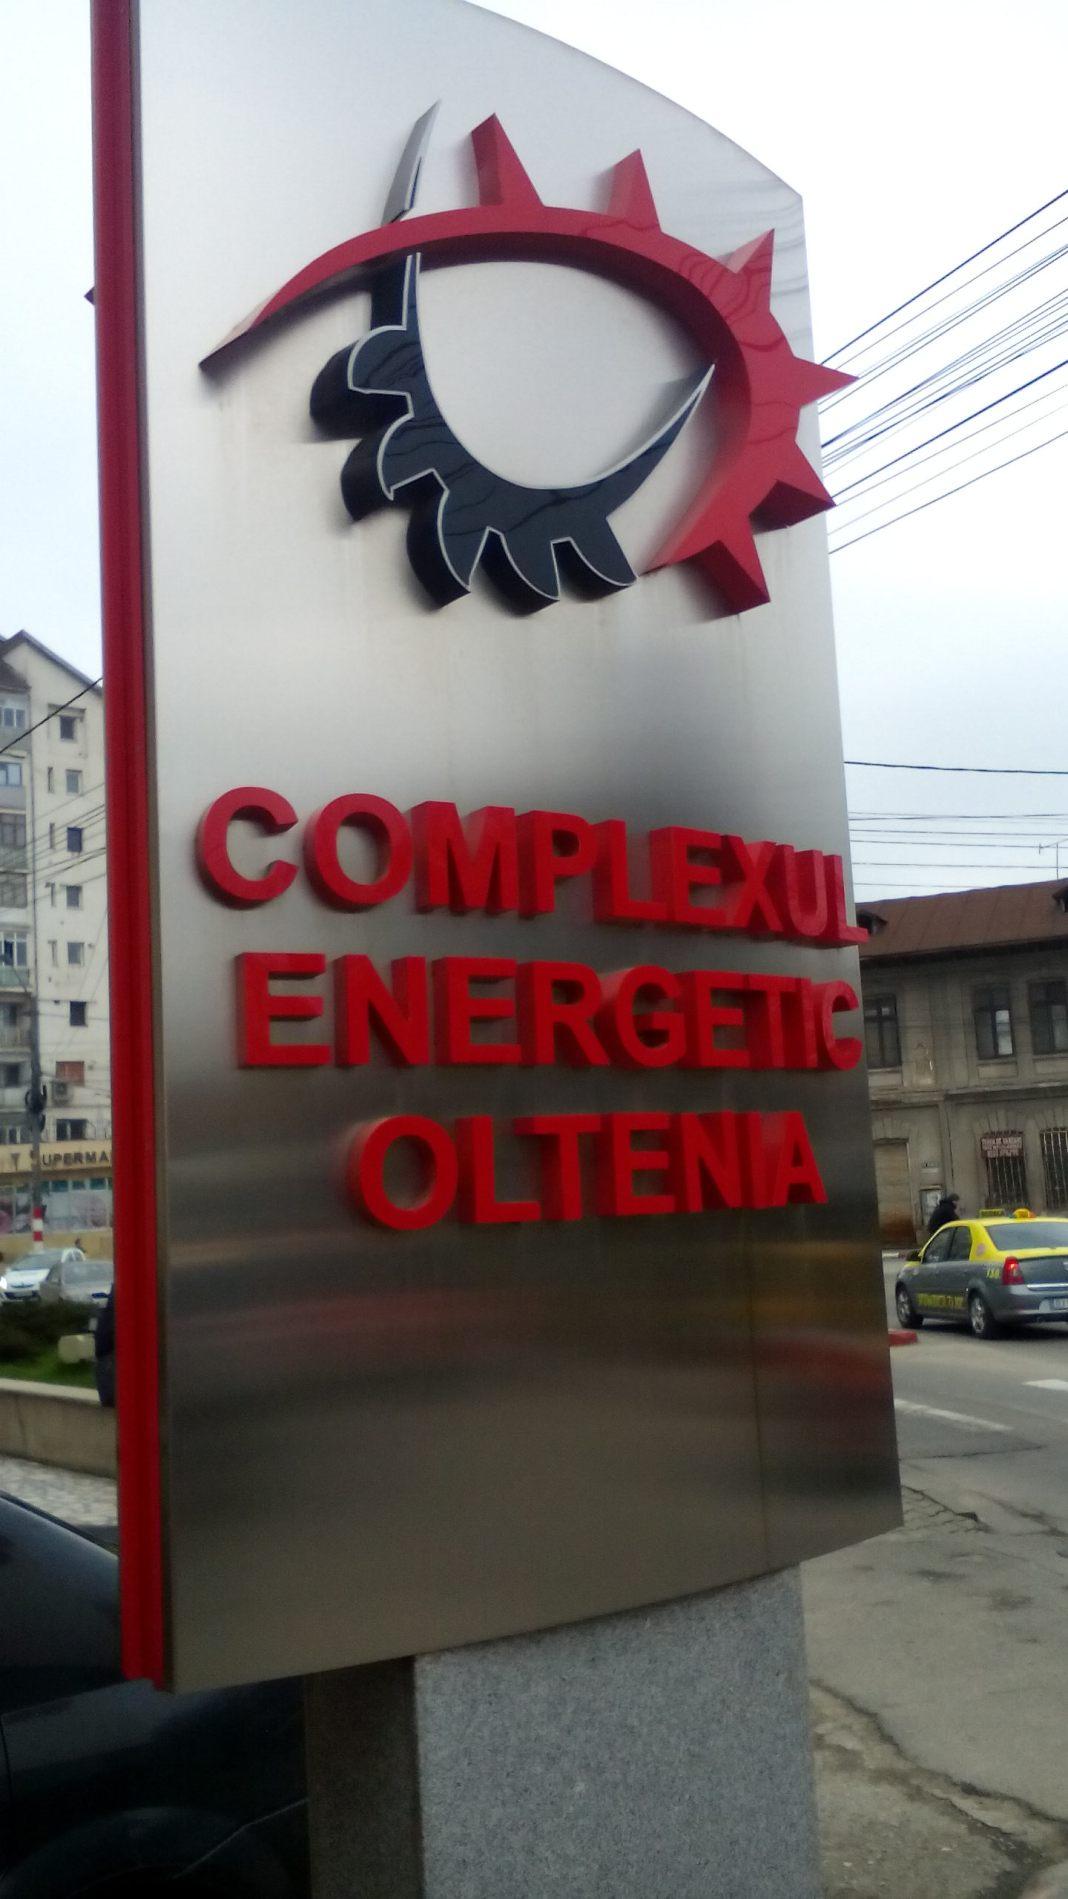 Complexul Energetic Oltenia produce curent electrică în termocentrale pe cărbune